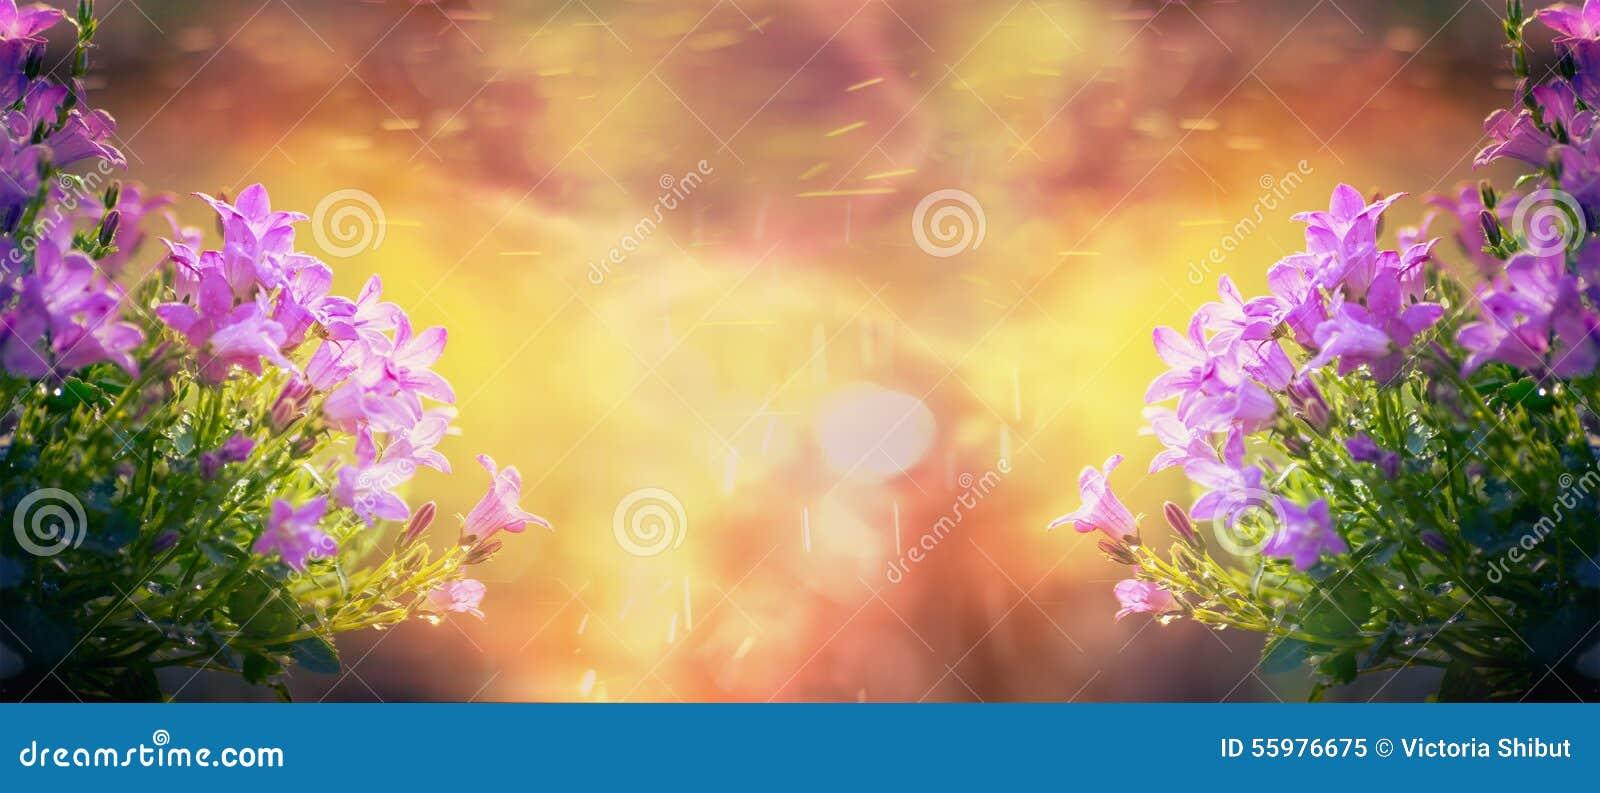 Красивые цветки колокола на восходе солнца в саде или парке, предпосылке природы, знамени